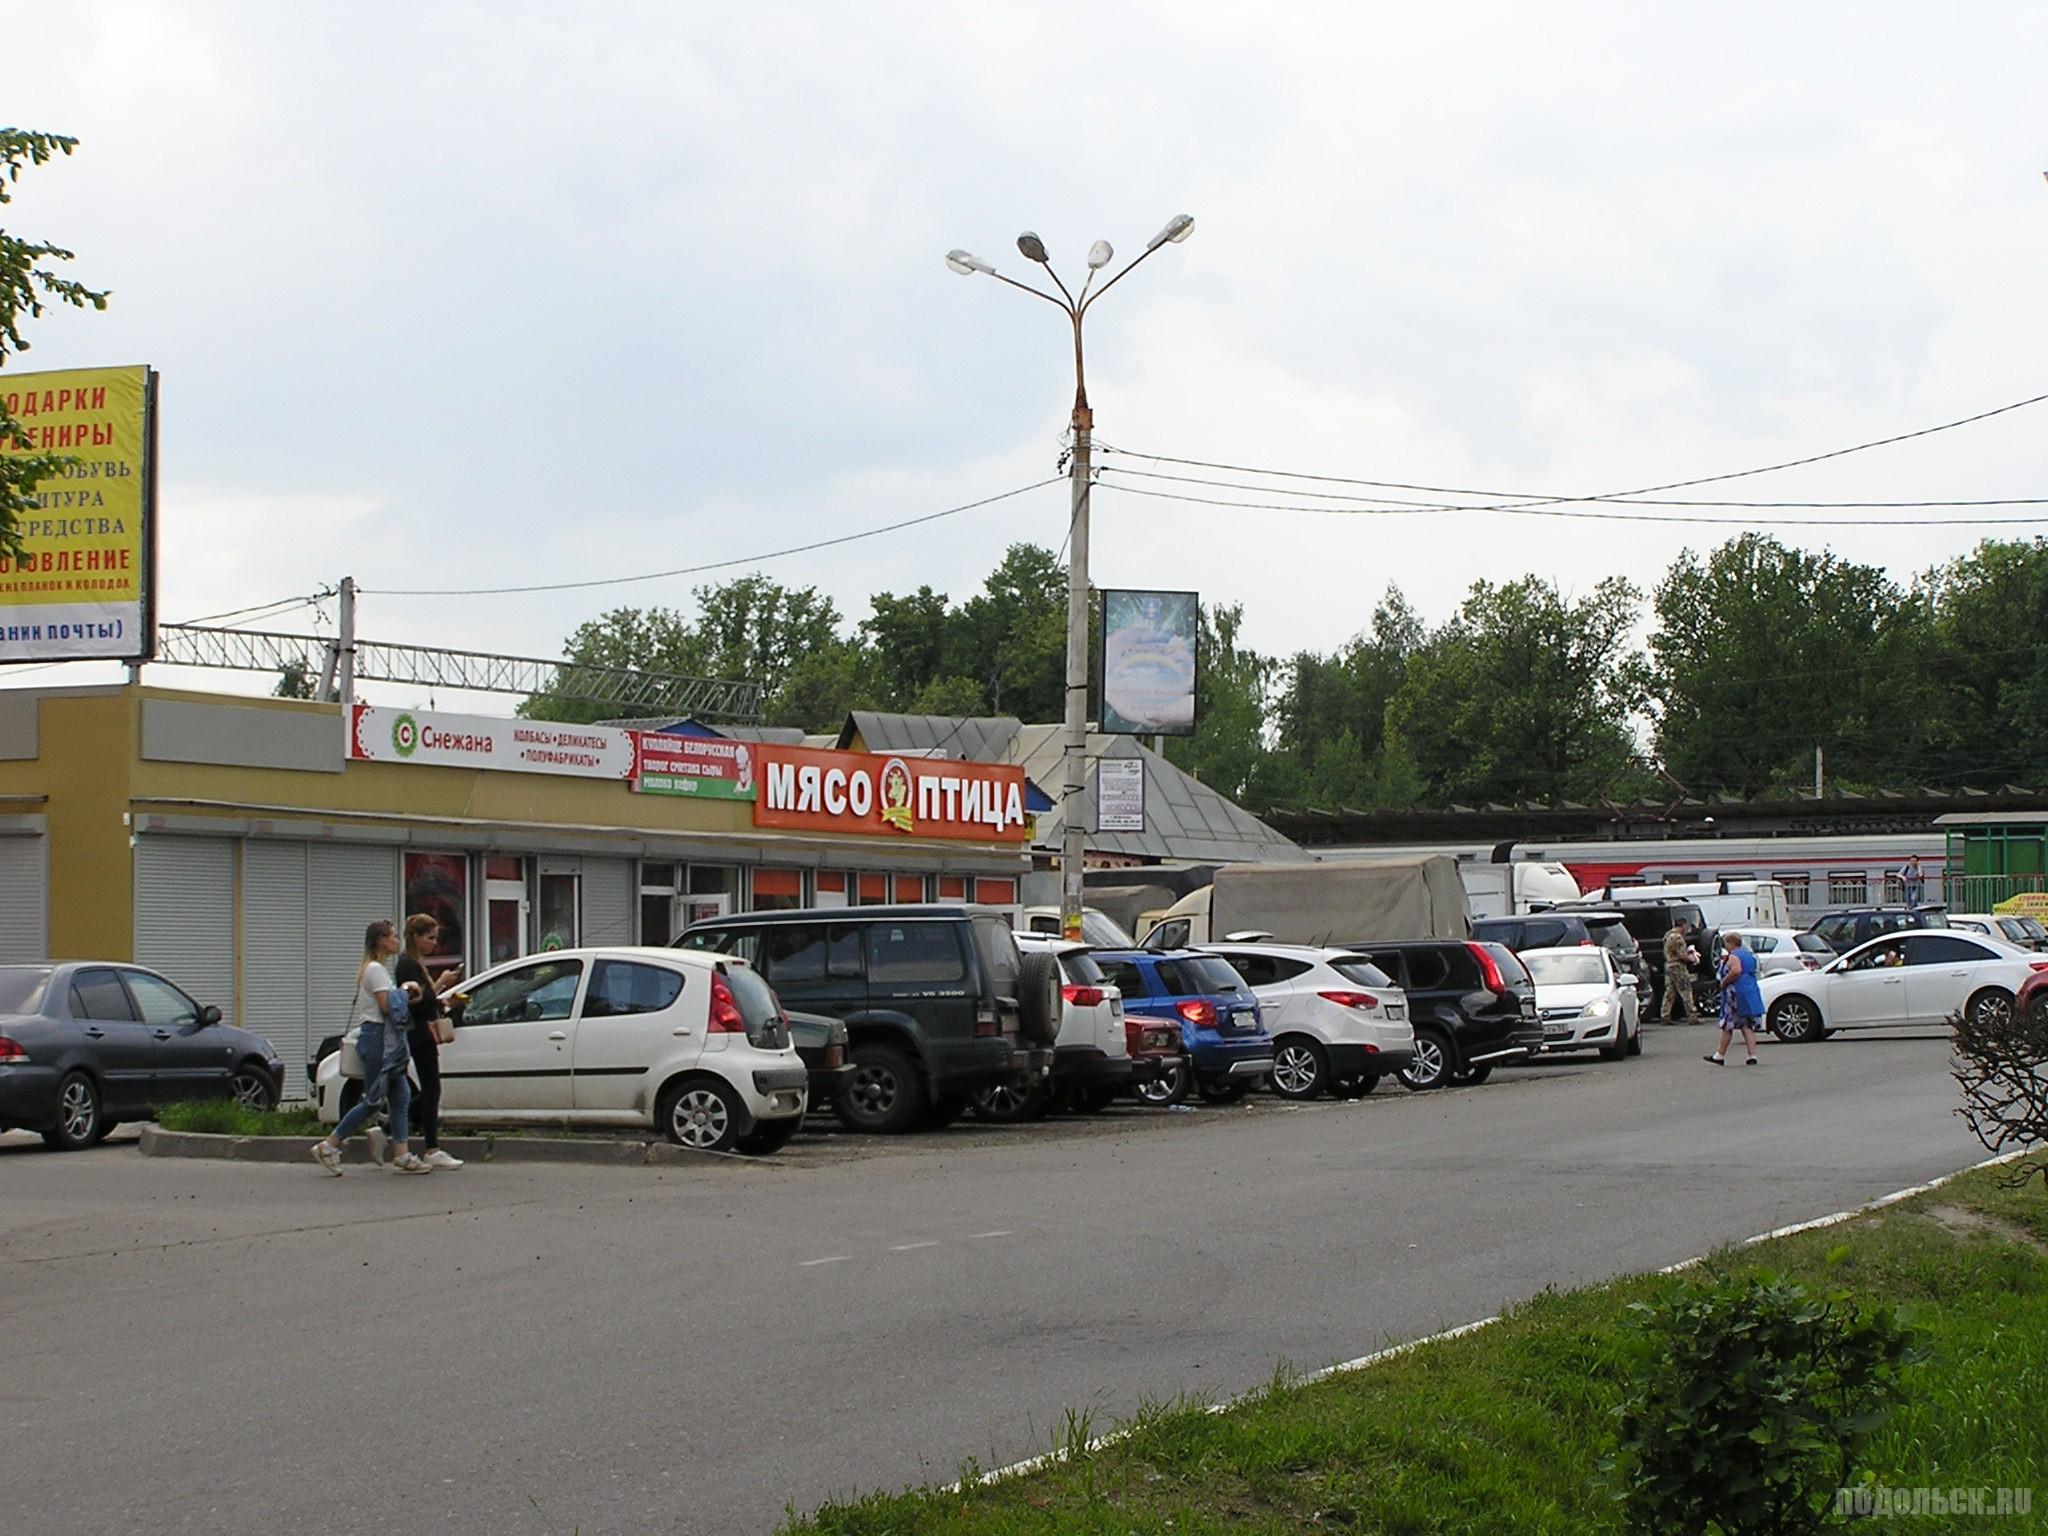 Львовский рынок. 27 июня 2016 г.